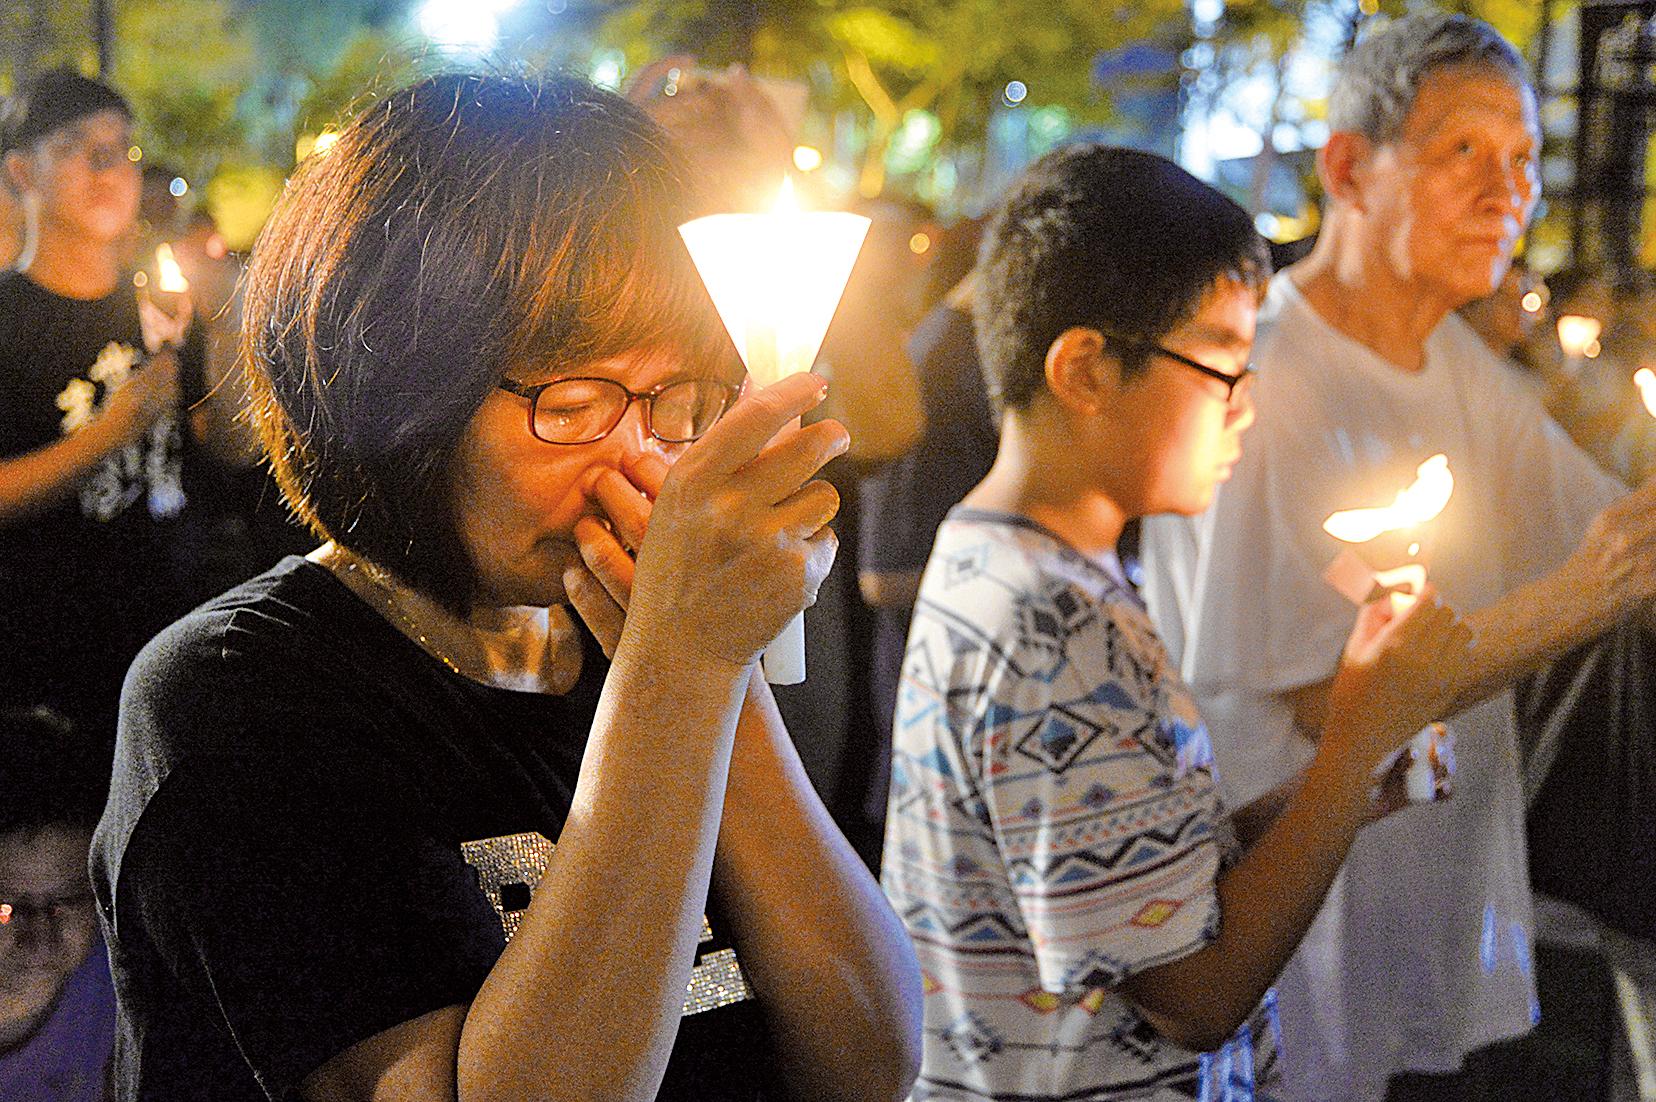 中國的知識份子,飽受中共暴政的欺騙和迫害。圖為2017年6月4日晚,香港11萬市民參加悼念「六四」的燭光悼念會,呼籲結束一黨專政。(大紀元資料室)